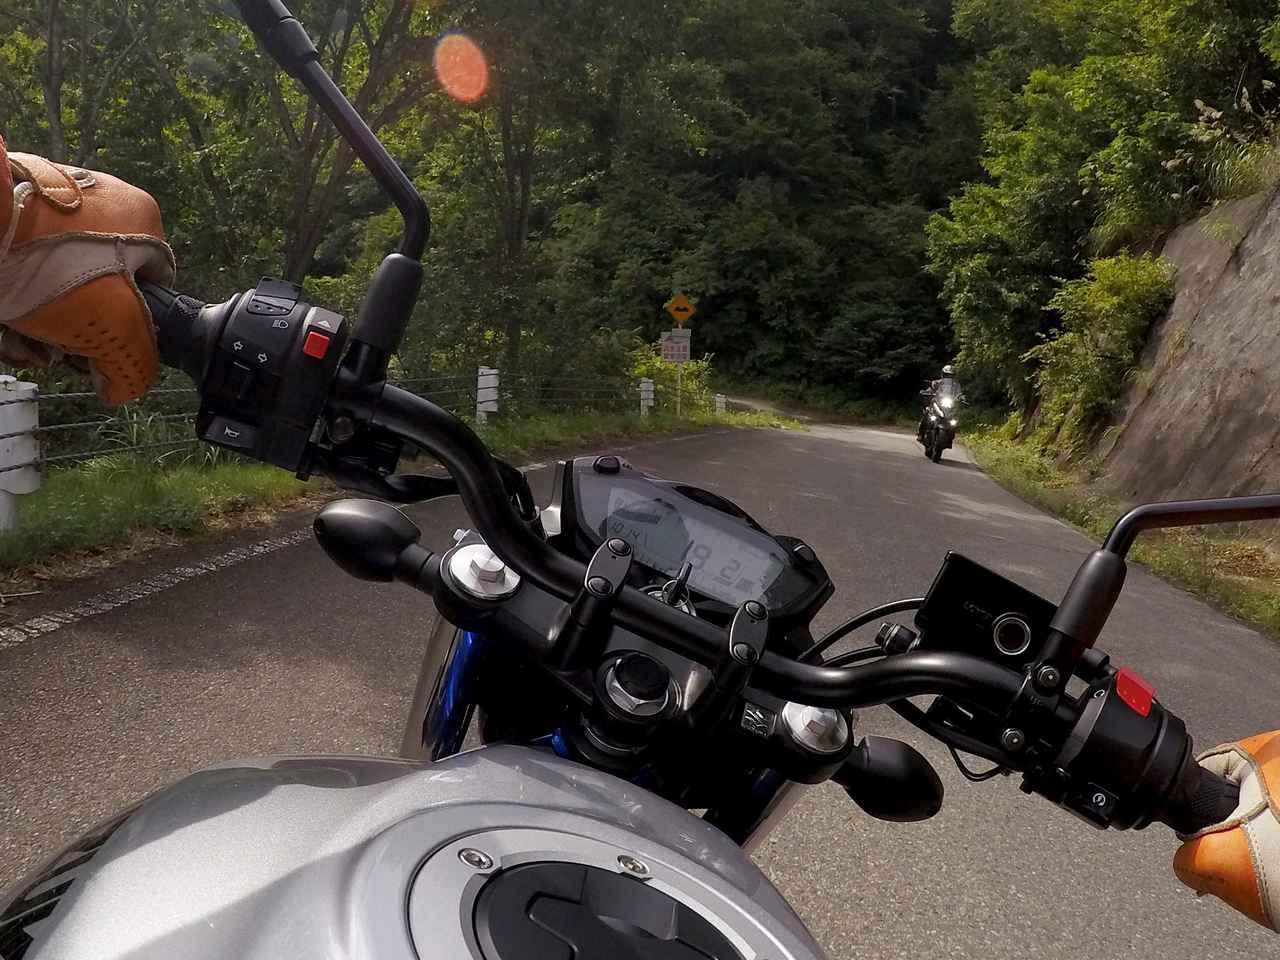 画像: 【SV650】あなたには行かないでほしい道『酷道352号線 樹海ライン』の真実 - スズキのバイク!